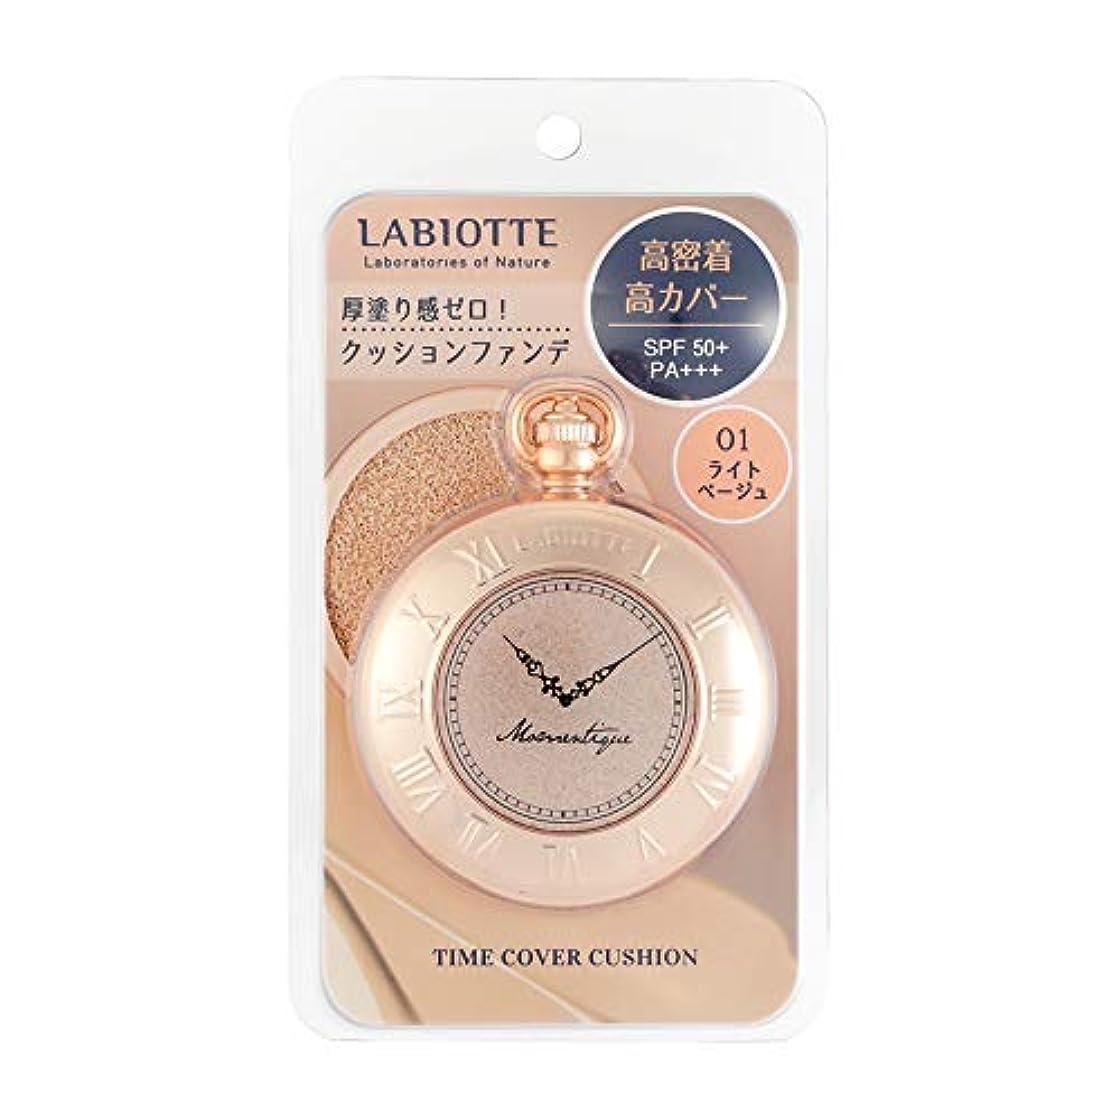 LABIOTTE(ラビオッテ) タイムカバークッションファンデ 01 ライトベージュ (13g)